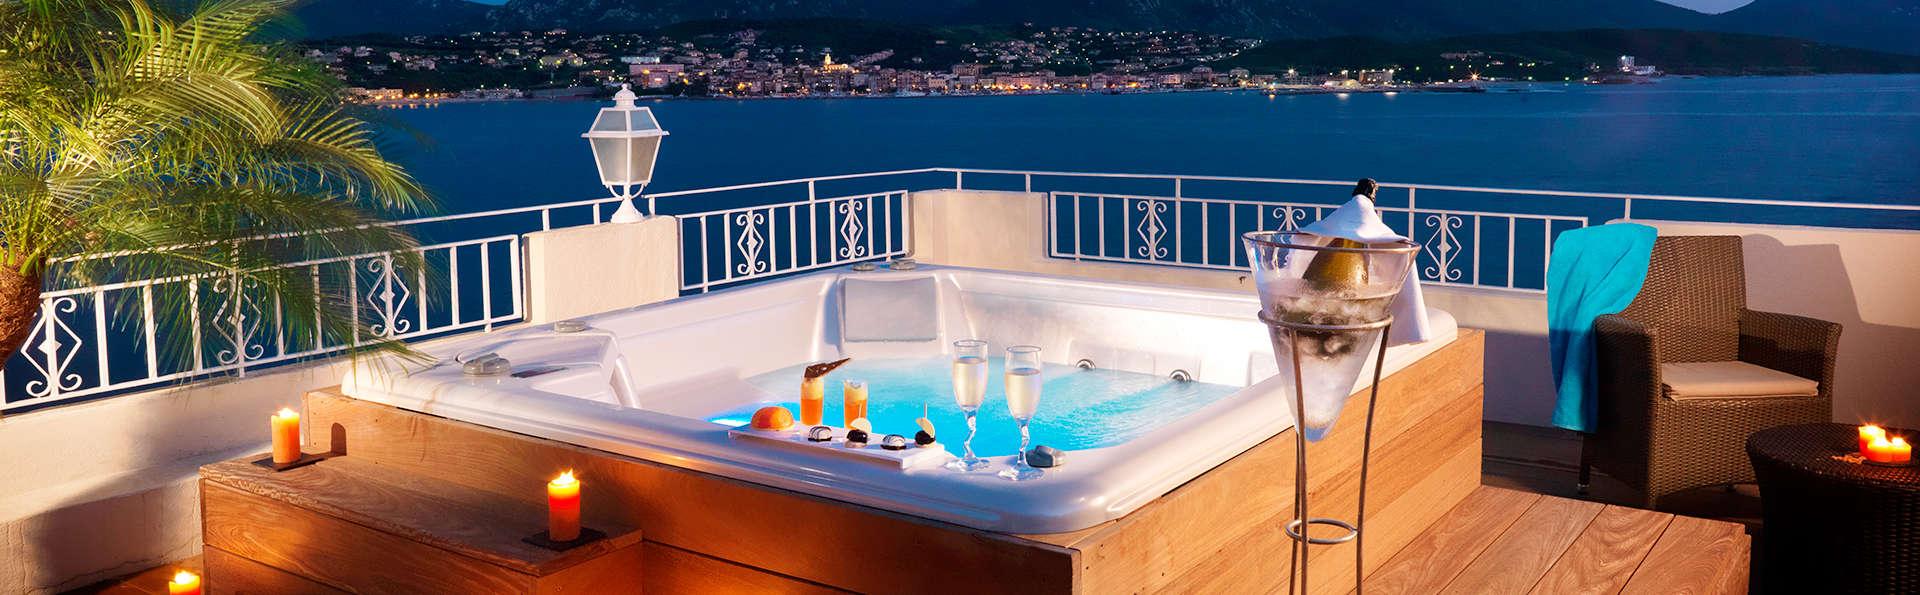 Dans un établissement de luxe : Escapade romantique au Sud de la Corse